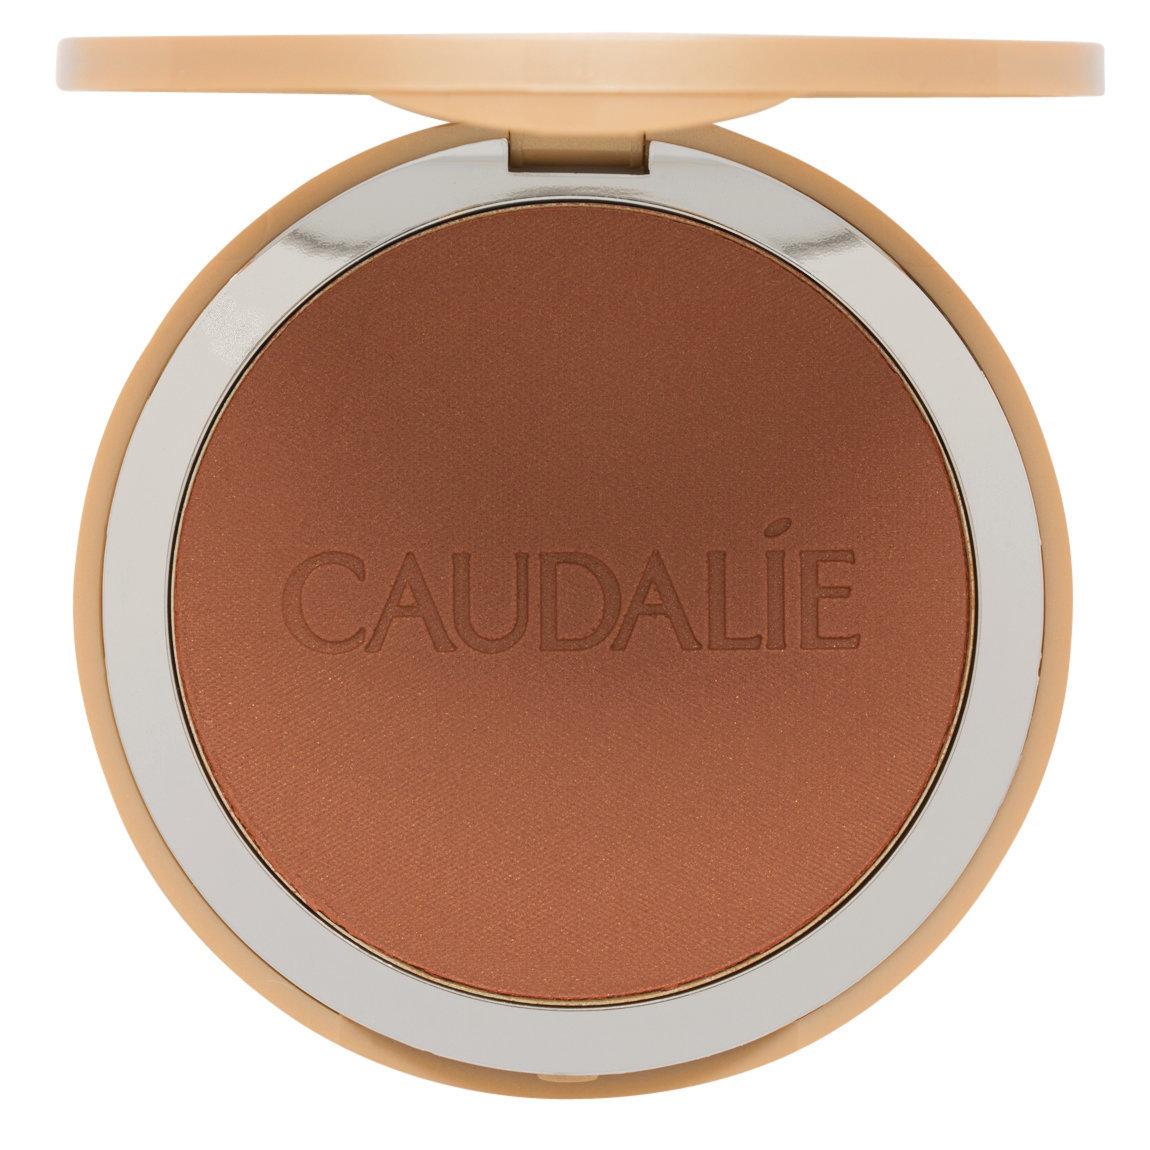 Caudalie Teint Divin Soleil Divin Mineral Bronzing Powder alternative view 1 - product swatch.